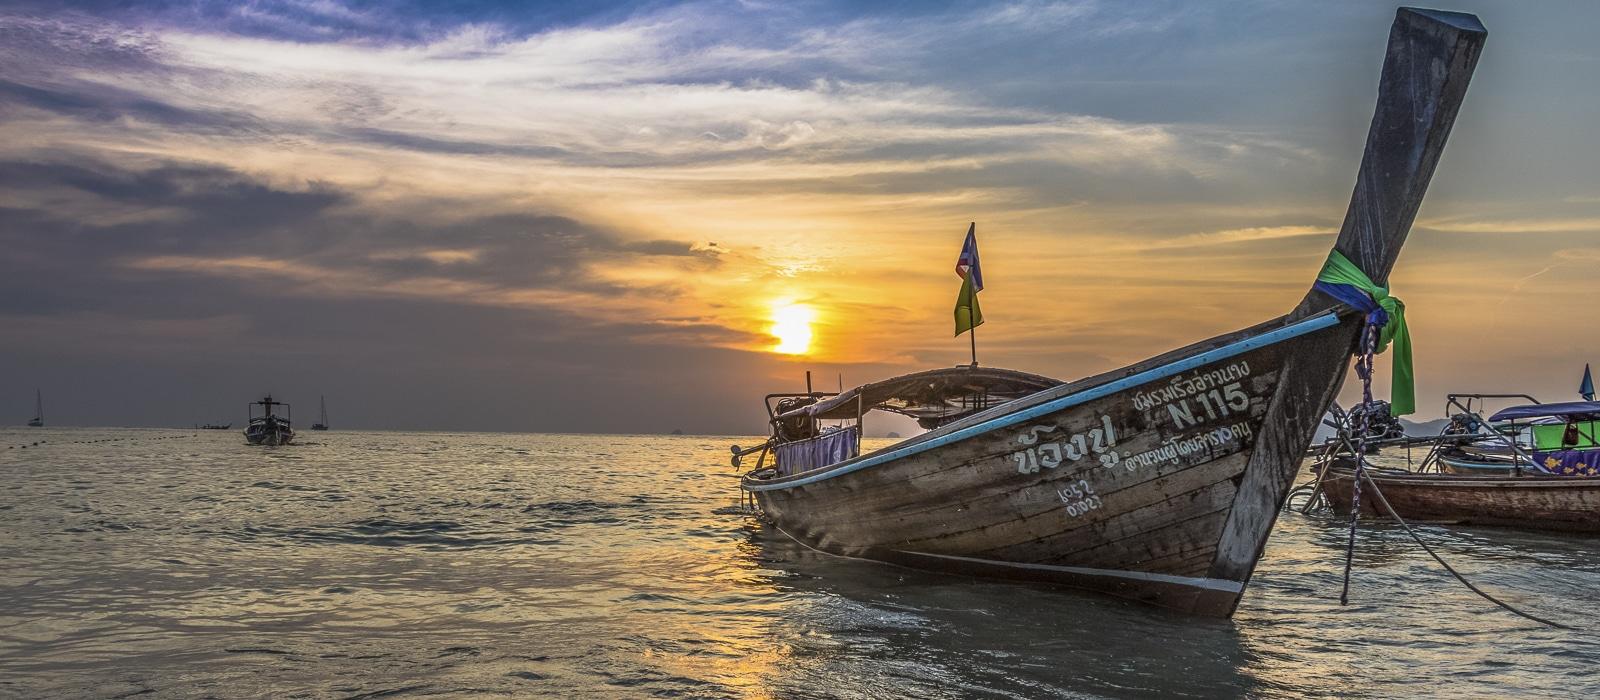 img-diapo-entete - thailande-1600x700-21.jpg